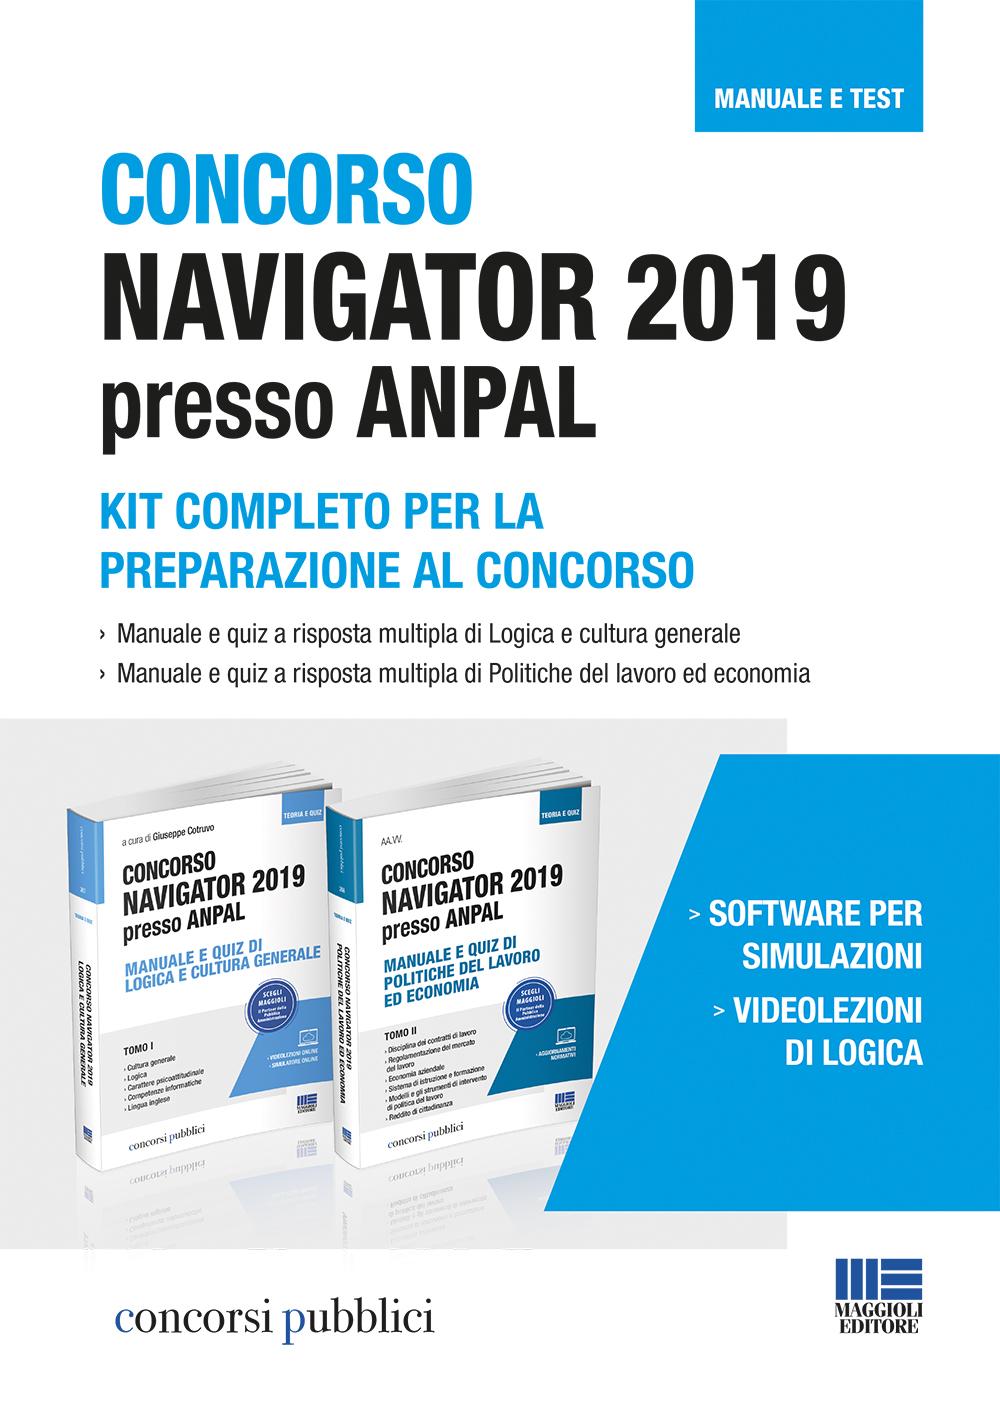 Concorso Navigator 2019 presso ANPAL kit completo